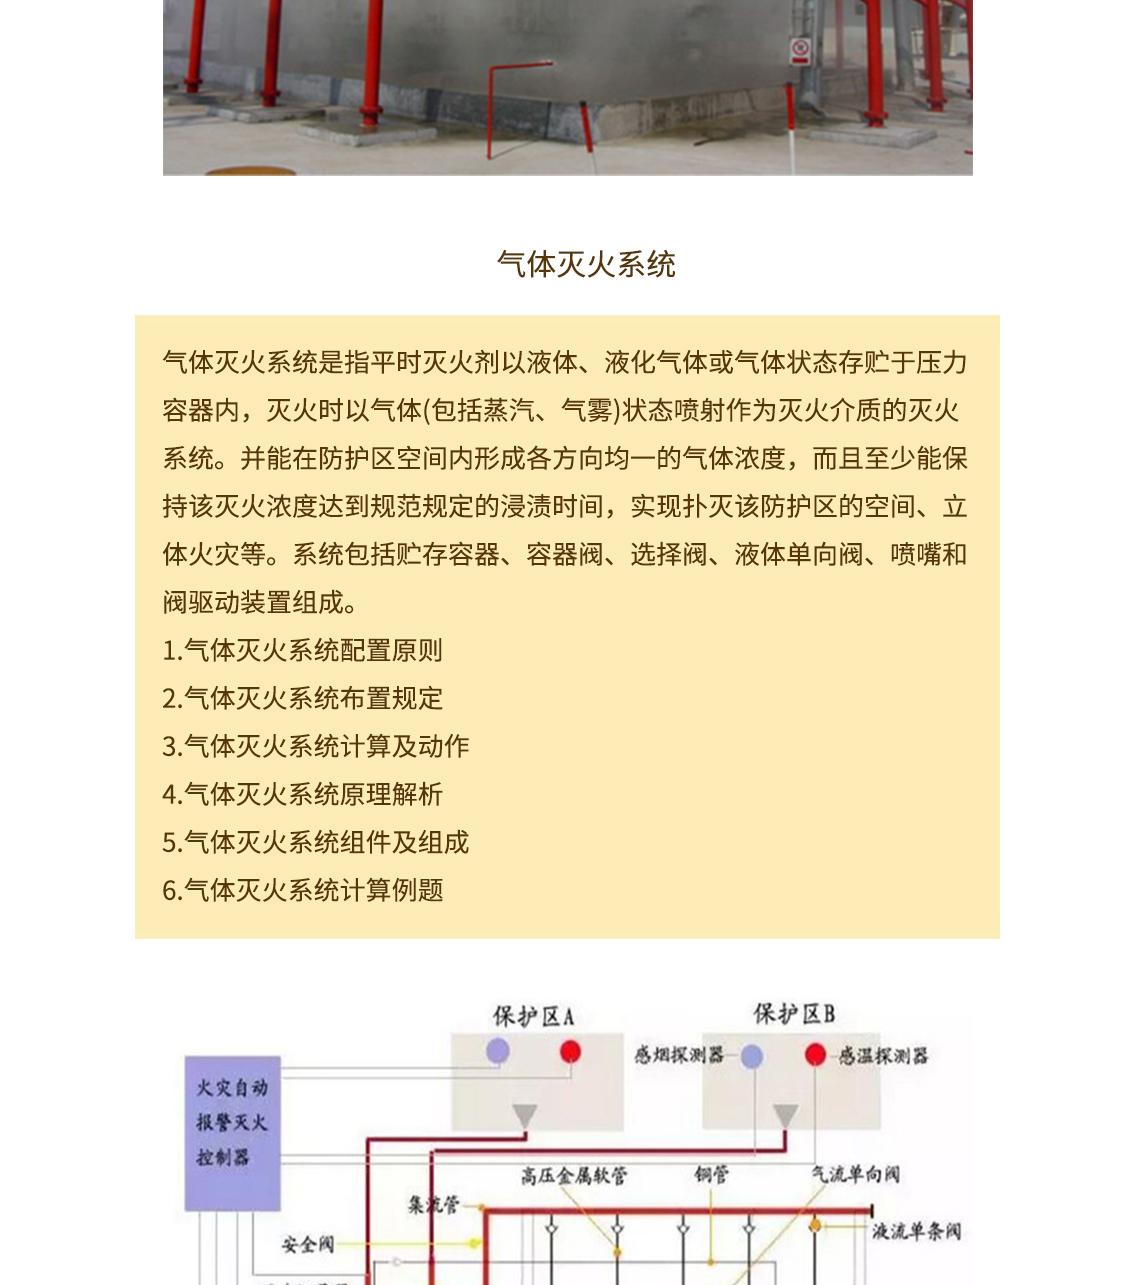 消火栓系统,喷淋系统,消防水池及泵房设计 1.室外消火栓系统及布置  seo关键字:消火栓系统,喷淋系统,消防水池及泵房设计,水锤计算,消防设计